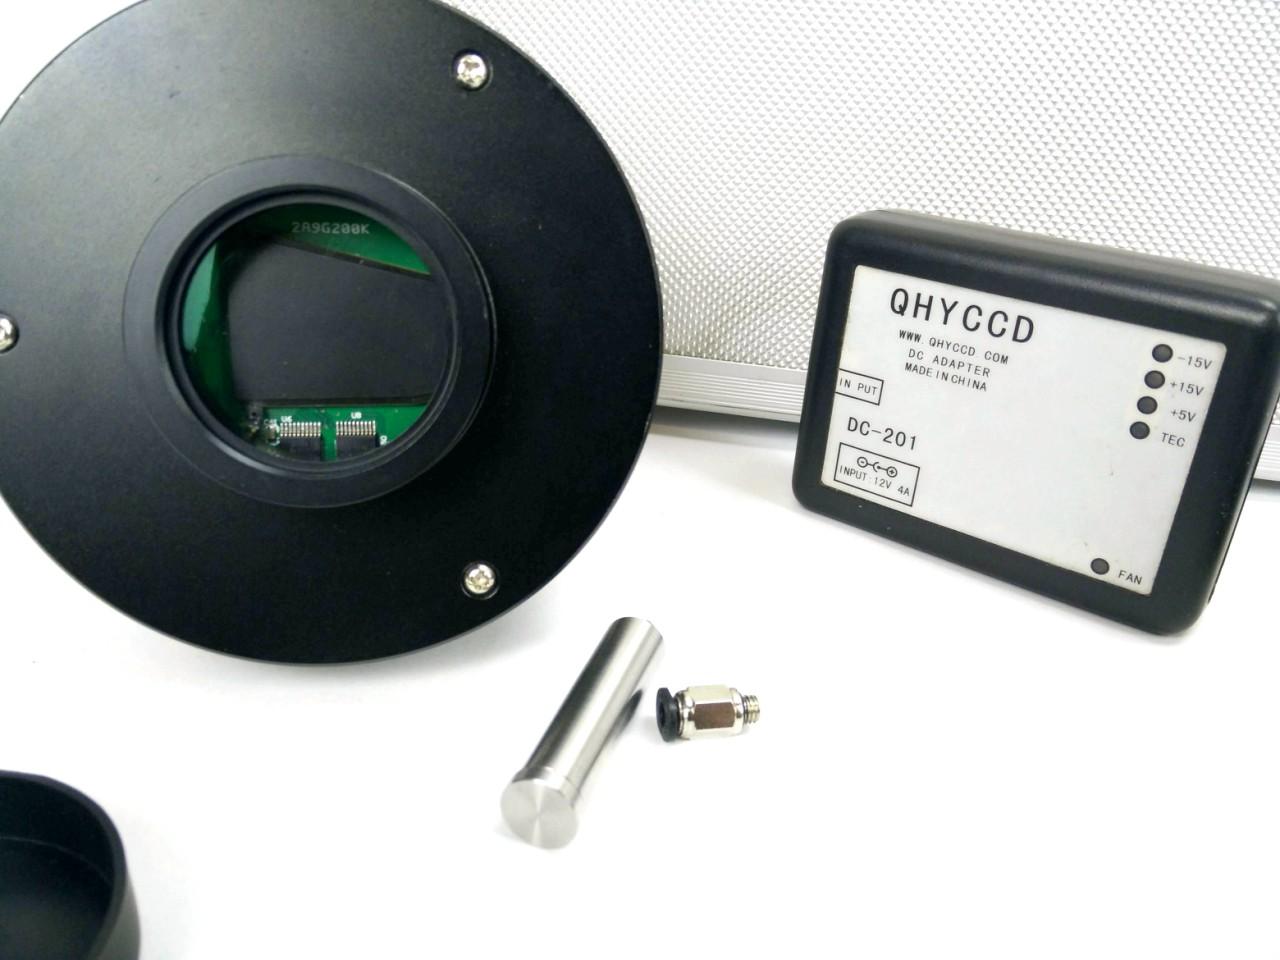 Camera CCD monocromatica QHY9 da 8,6Mpx, raffreddata a -50° -  Usata